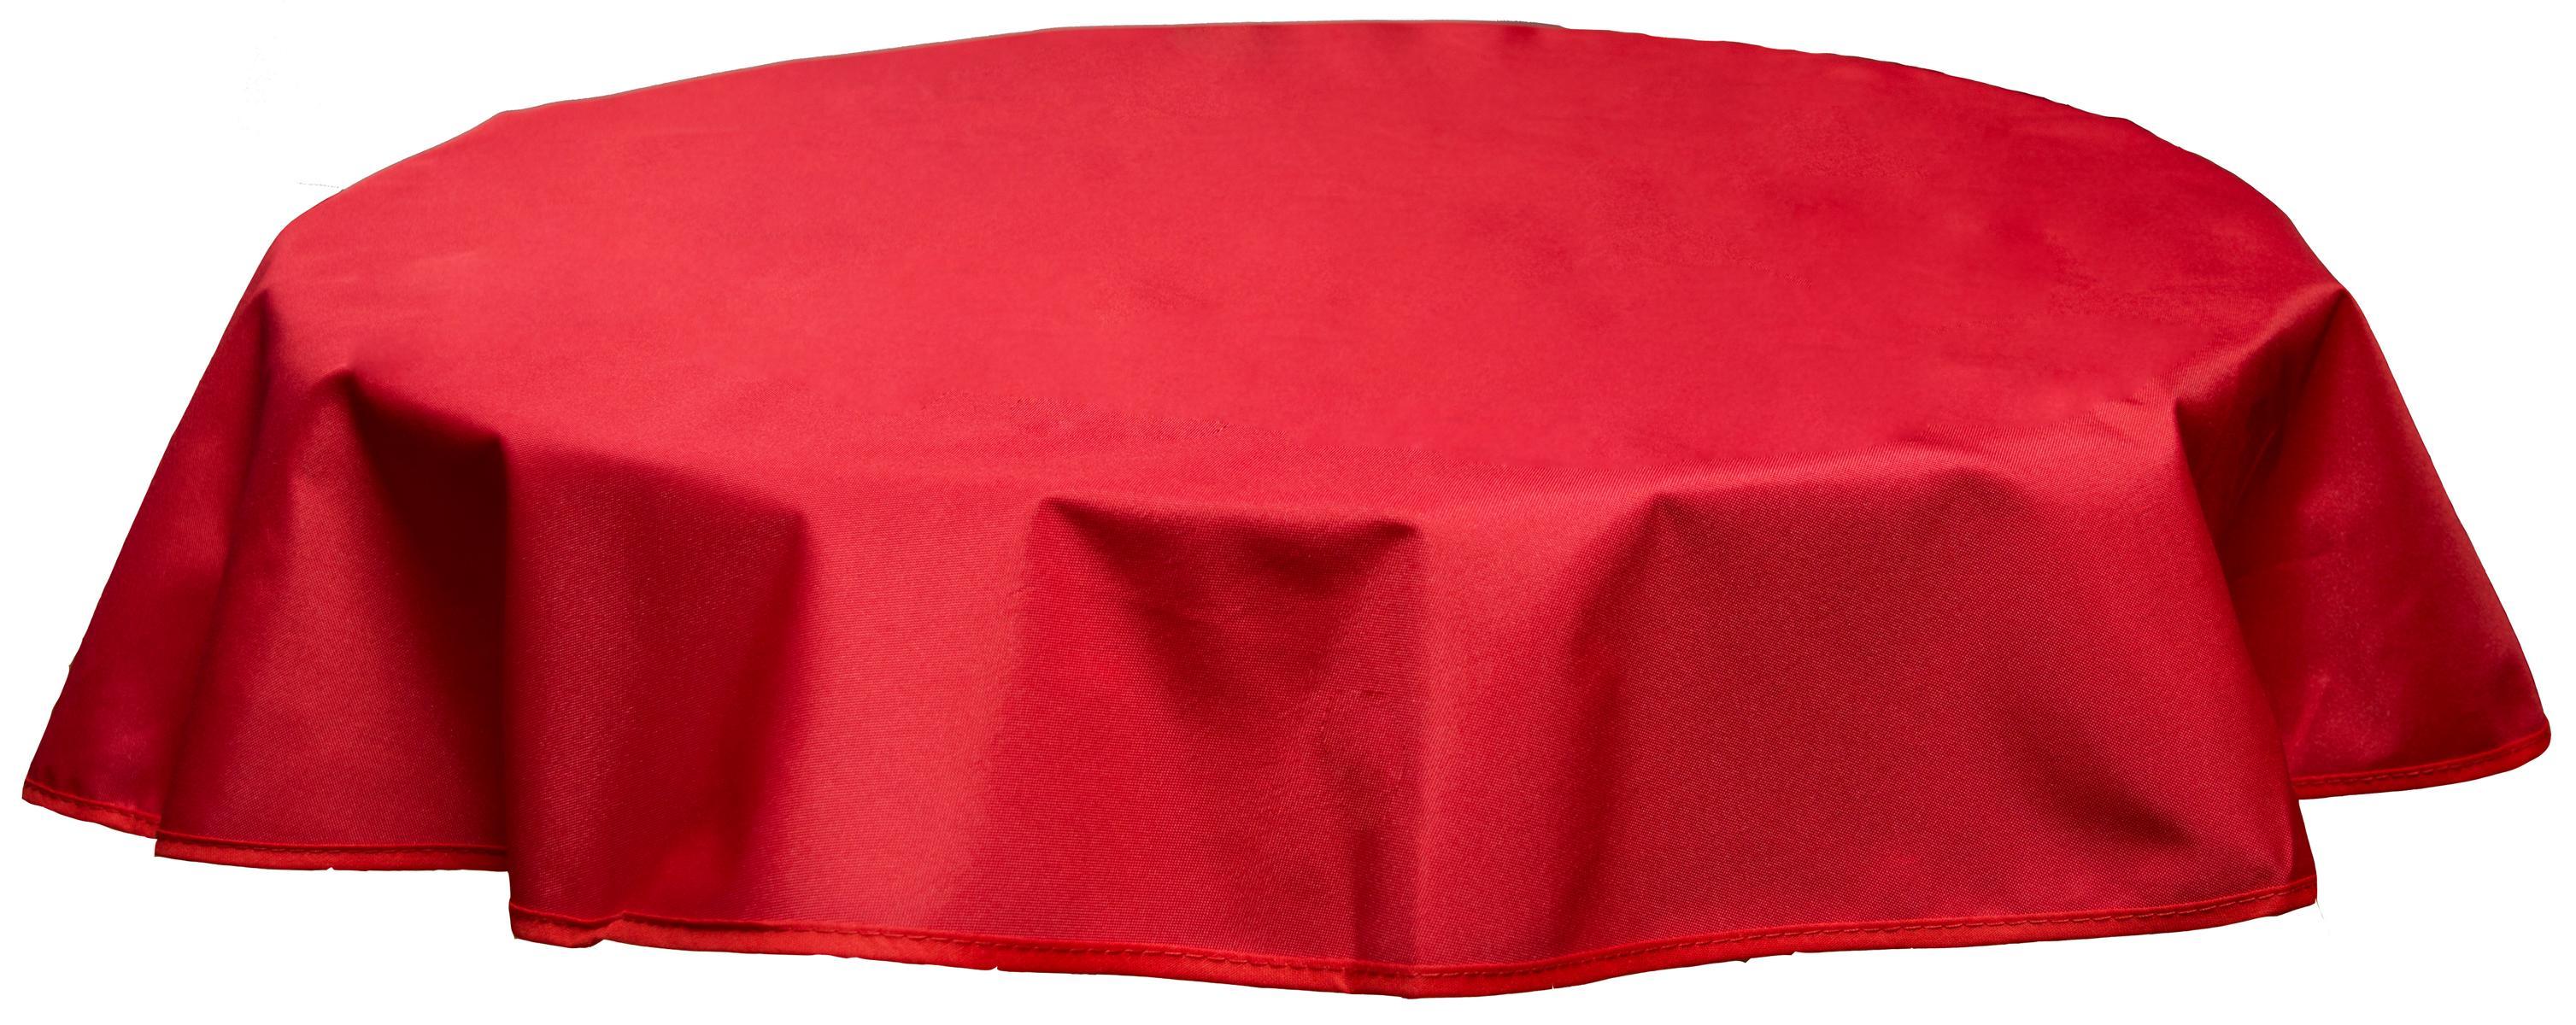 Runde Tischdecke 160cm wasserabweisend 100% Polyester in rot